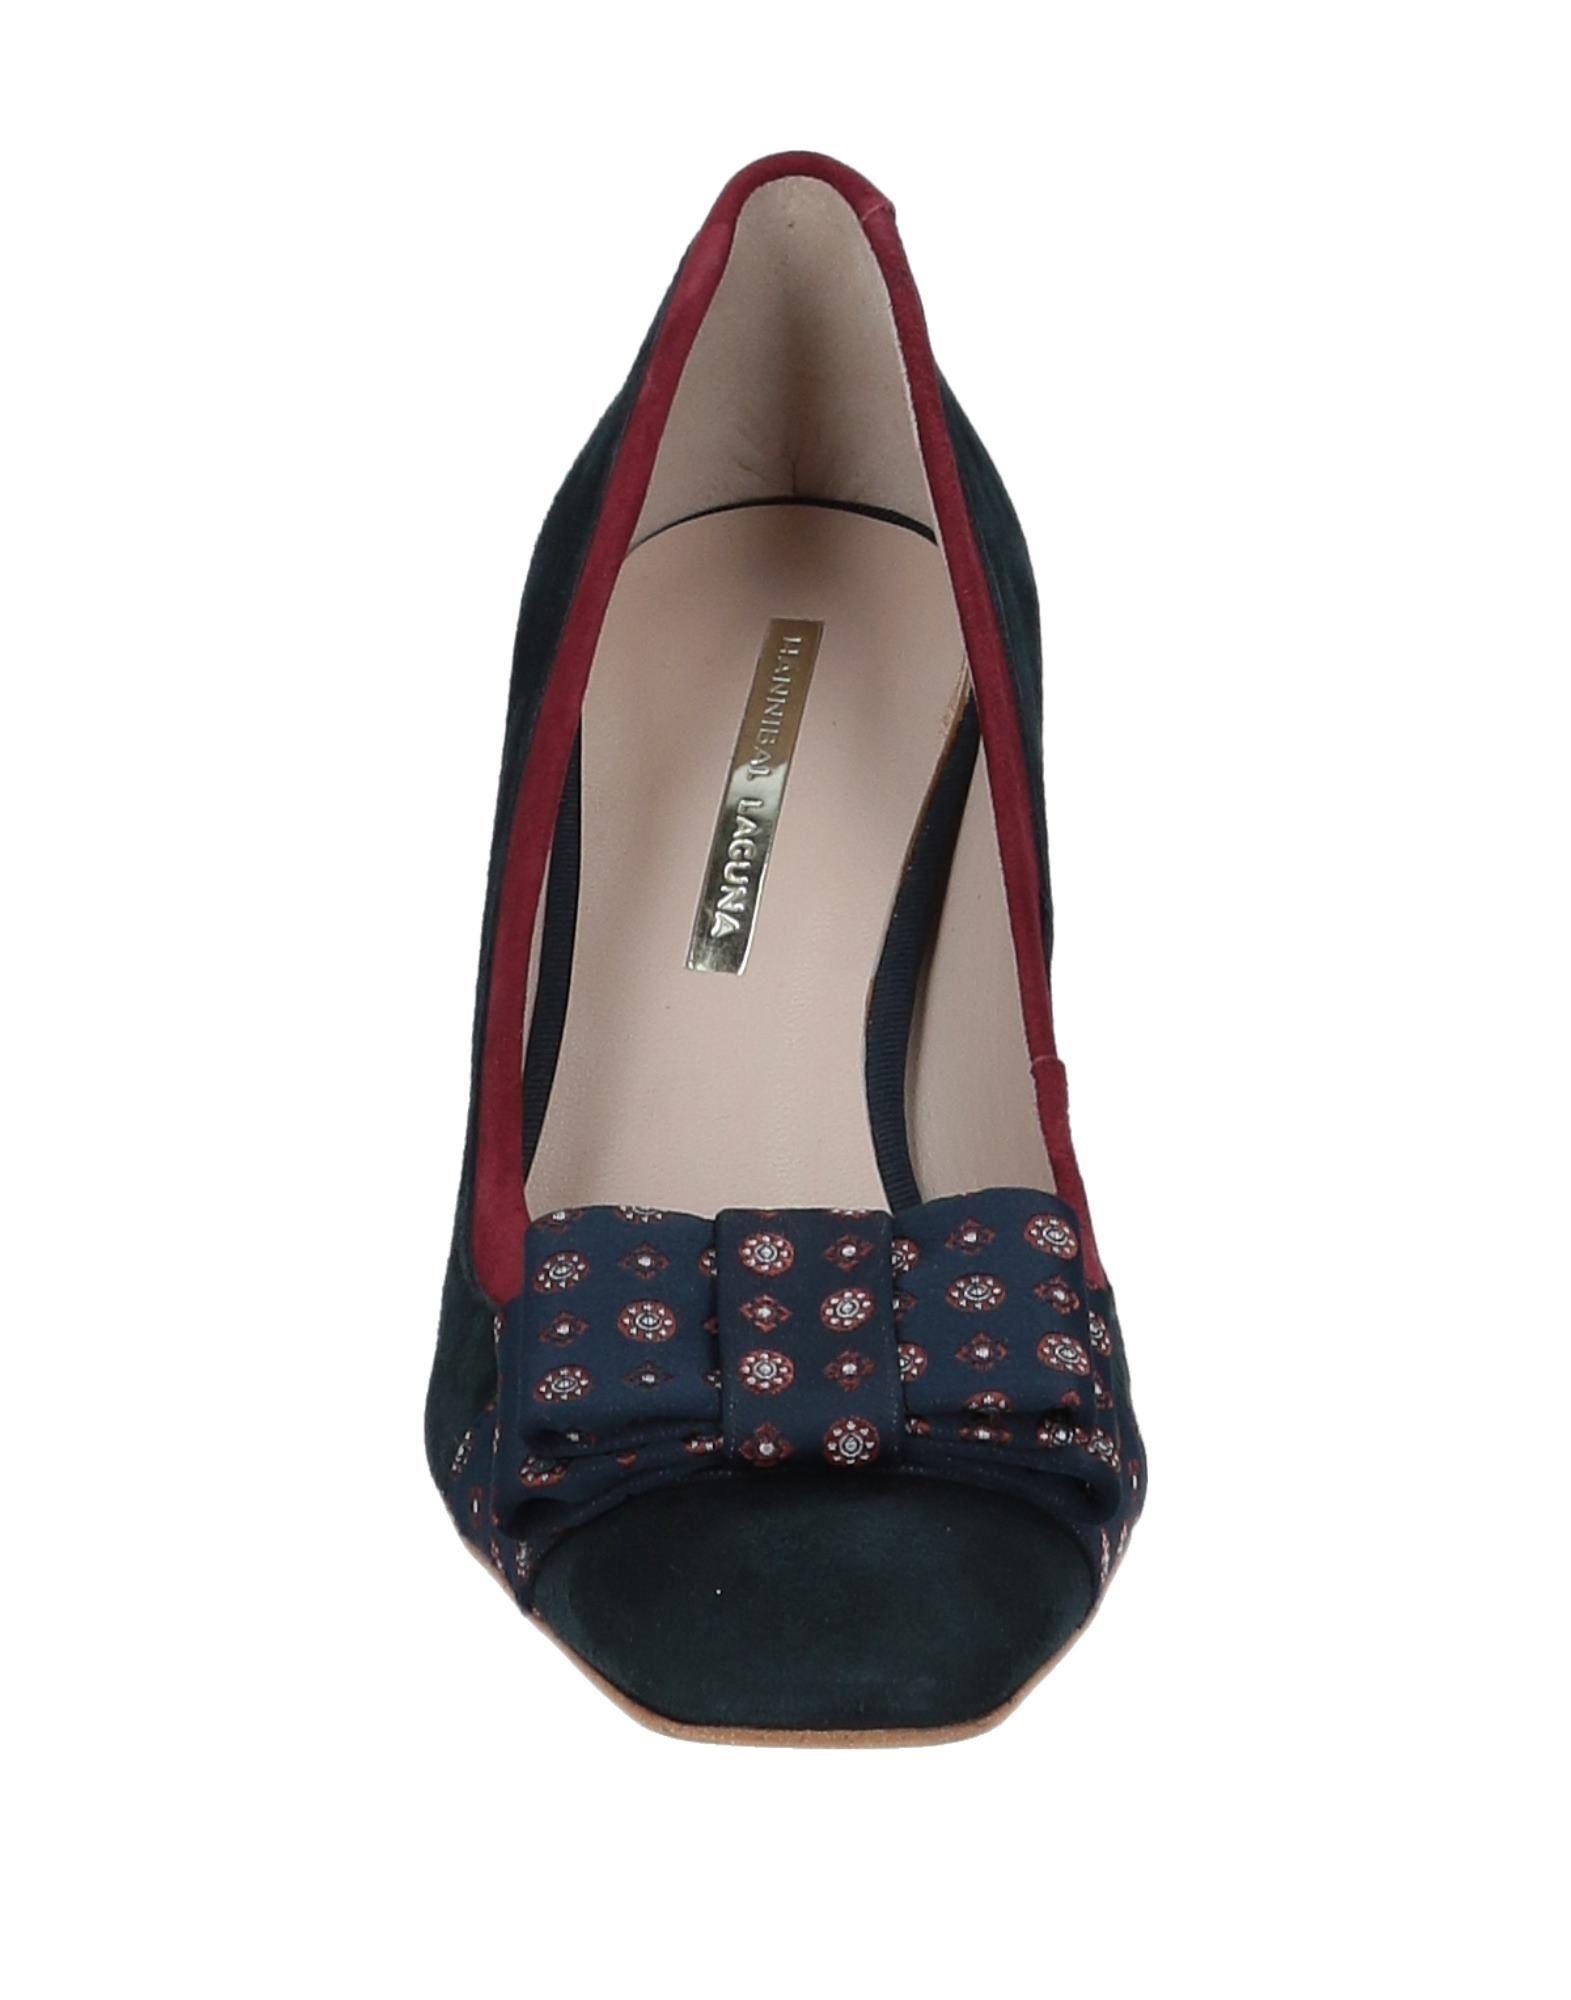 Hannibal Laguna Gute Pumps Damen  11543921QF Gute Laguna Qualität beliebte Schuhe b531f3